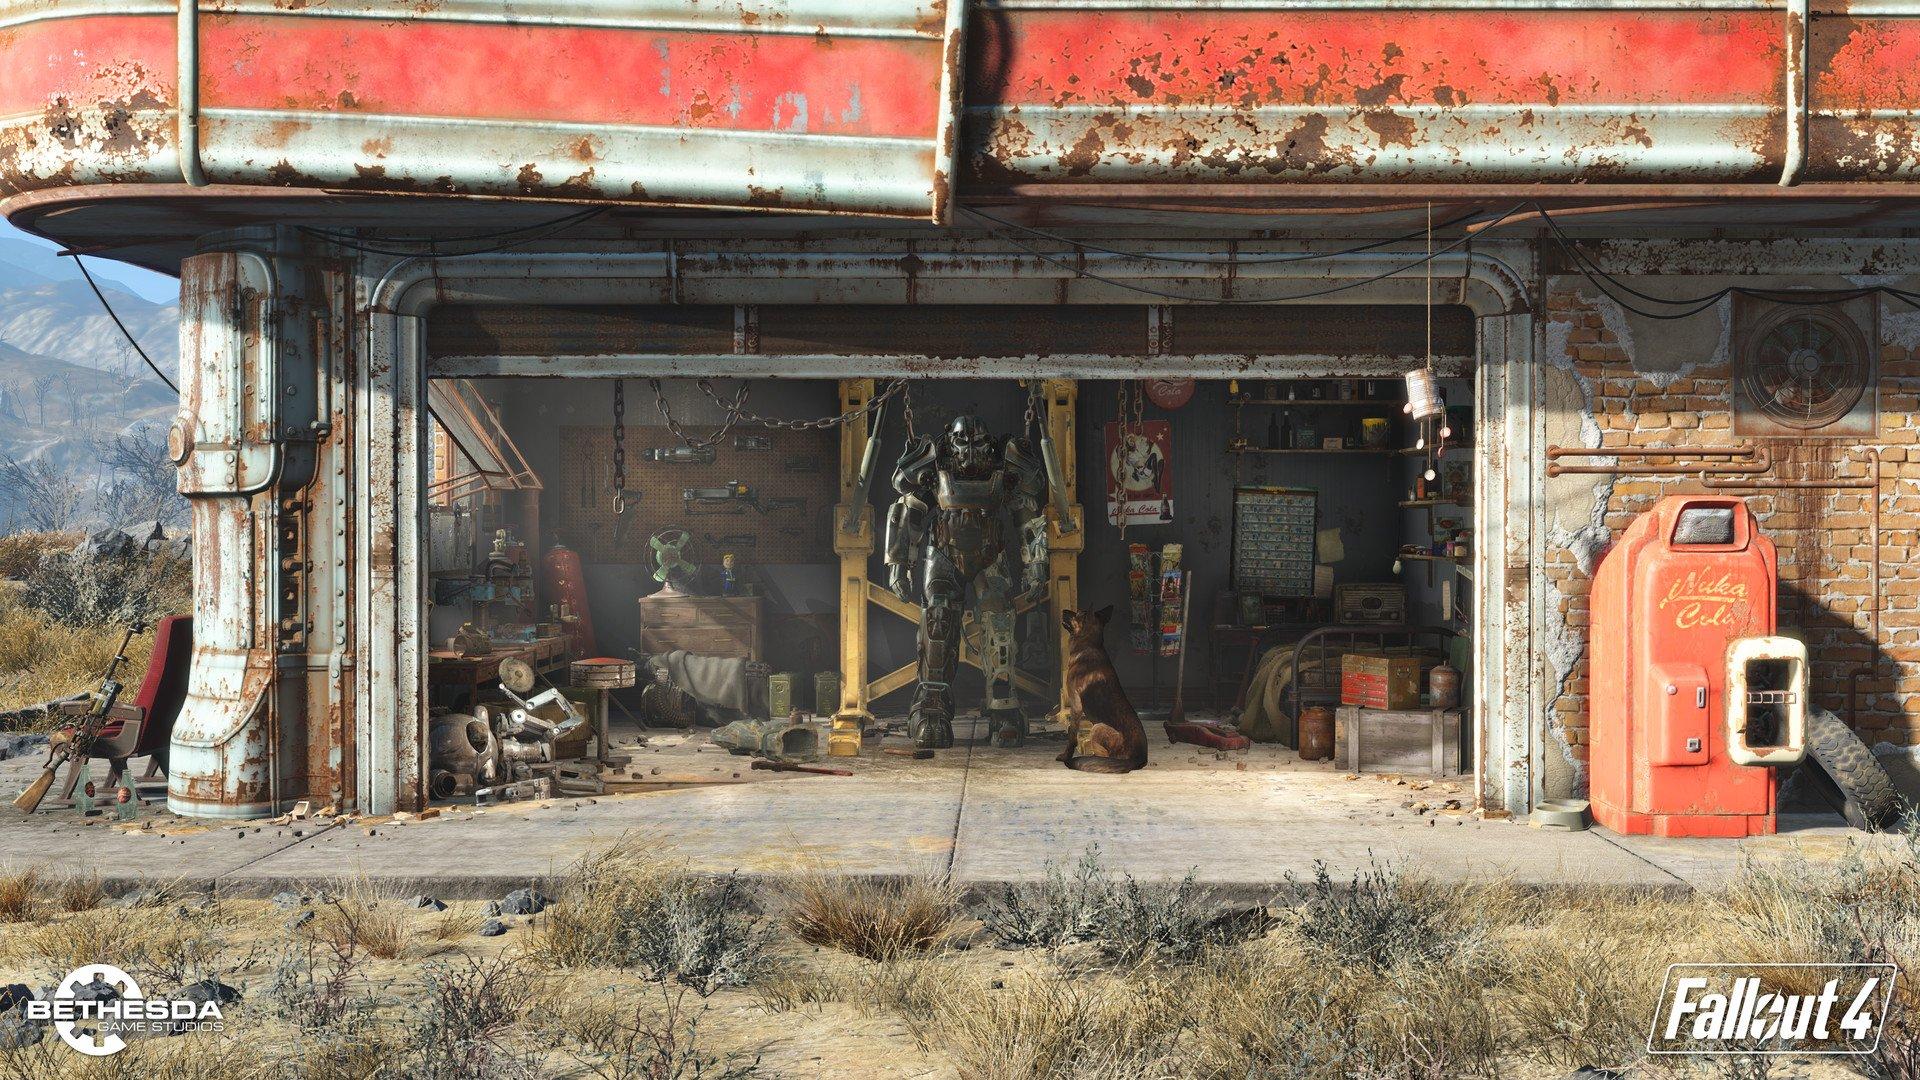 Про Fallout 4 с Reddit (осторожно, возможно, вброс) - Изображение 1